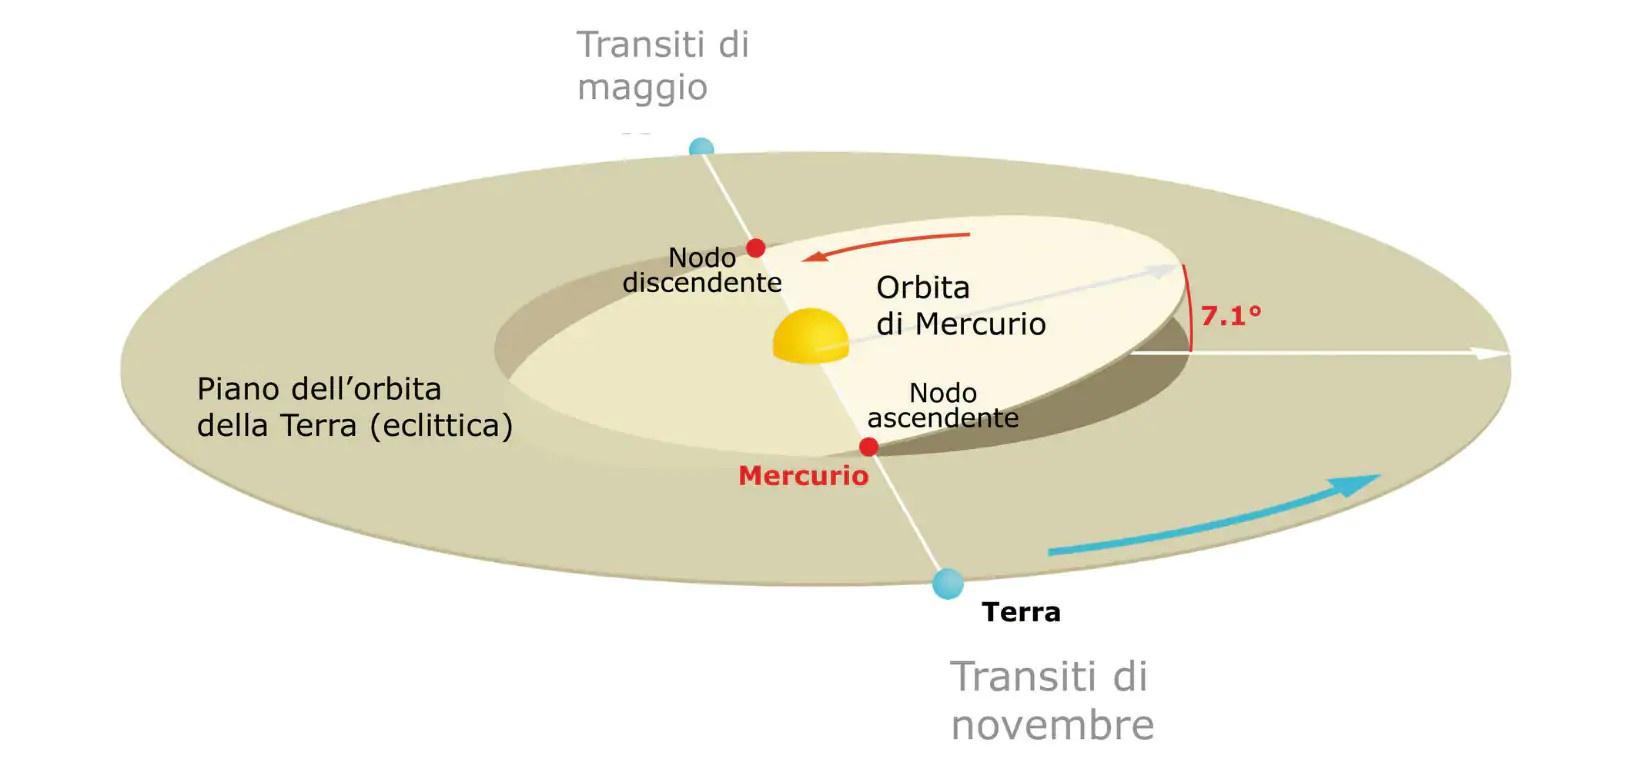 11 novembre 2019, transito di Mercurio sul Sole